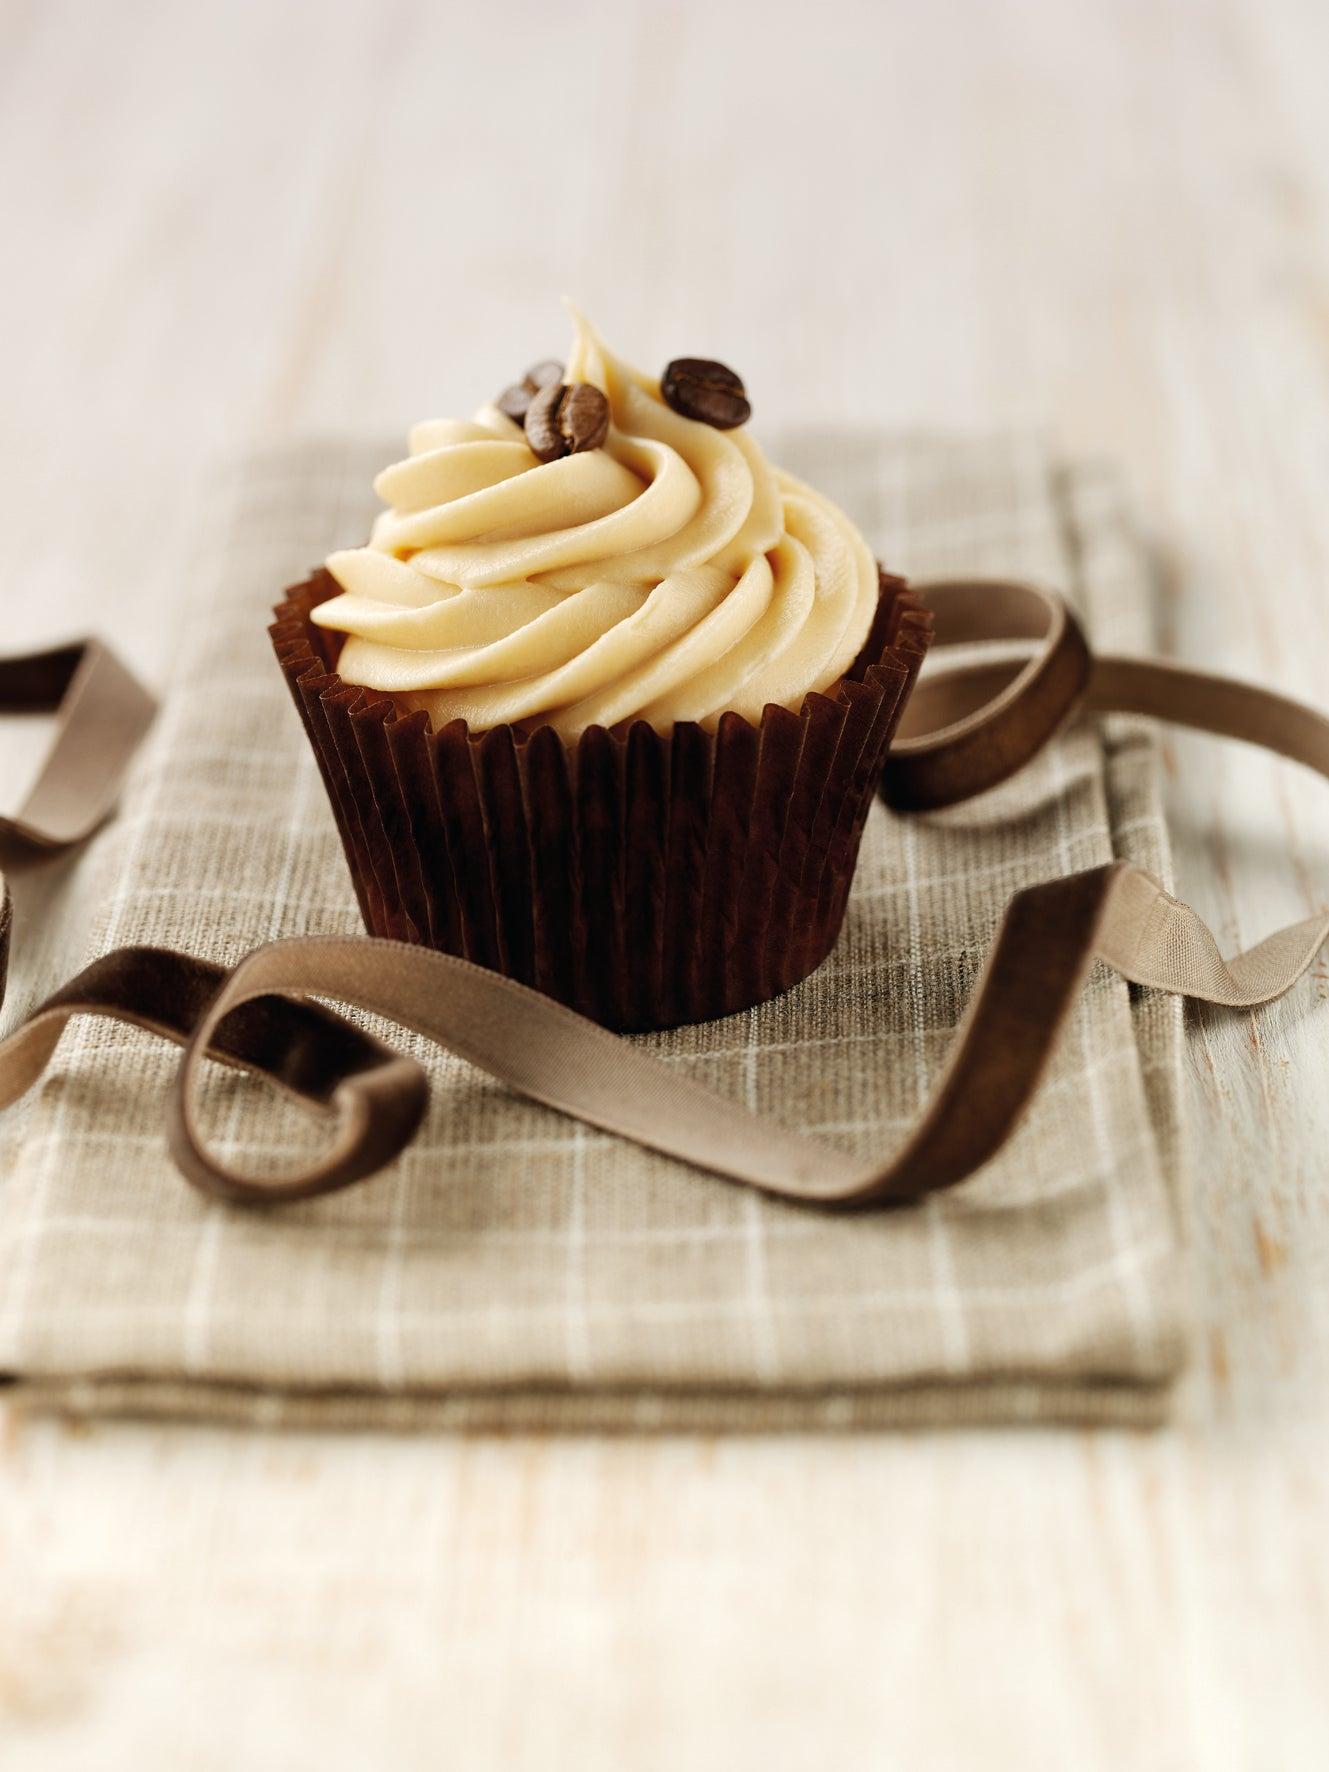 Nielsen-Massey-Coffee-Cupcake.jpg